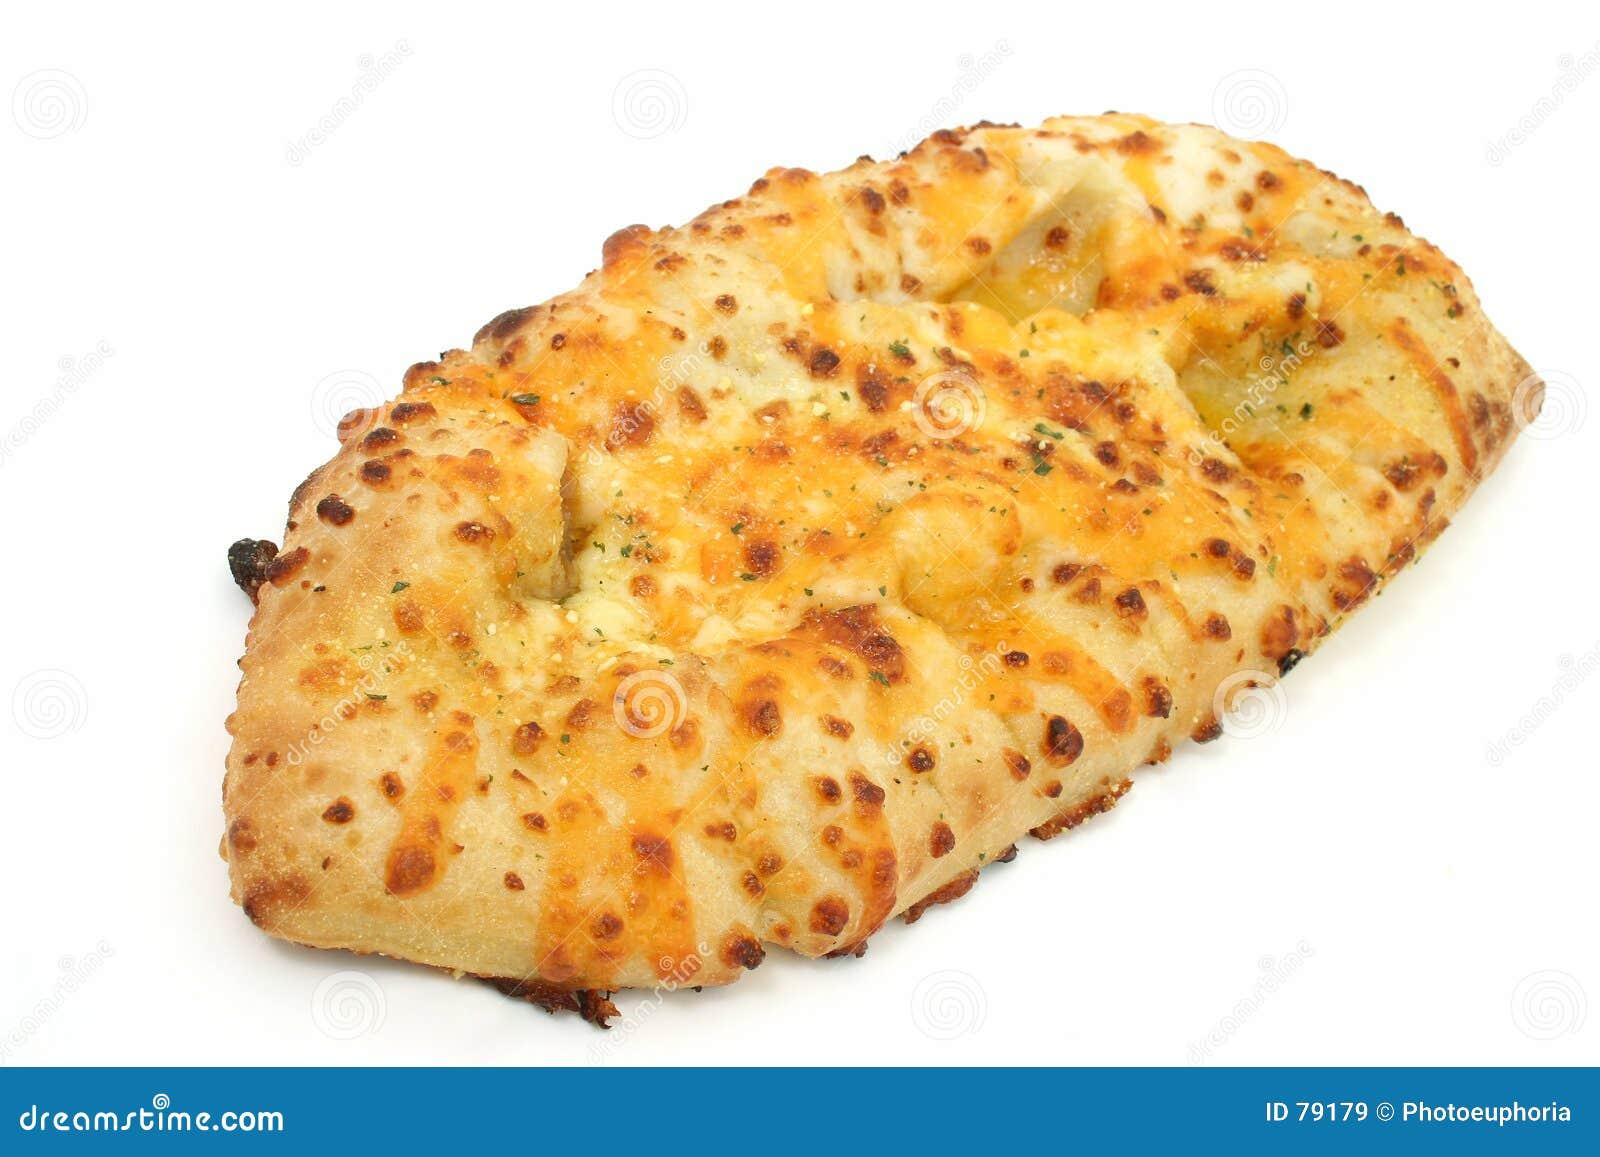 обвалите чеснок в сухарях сыра